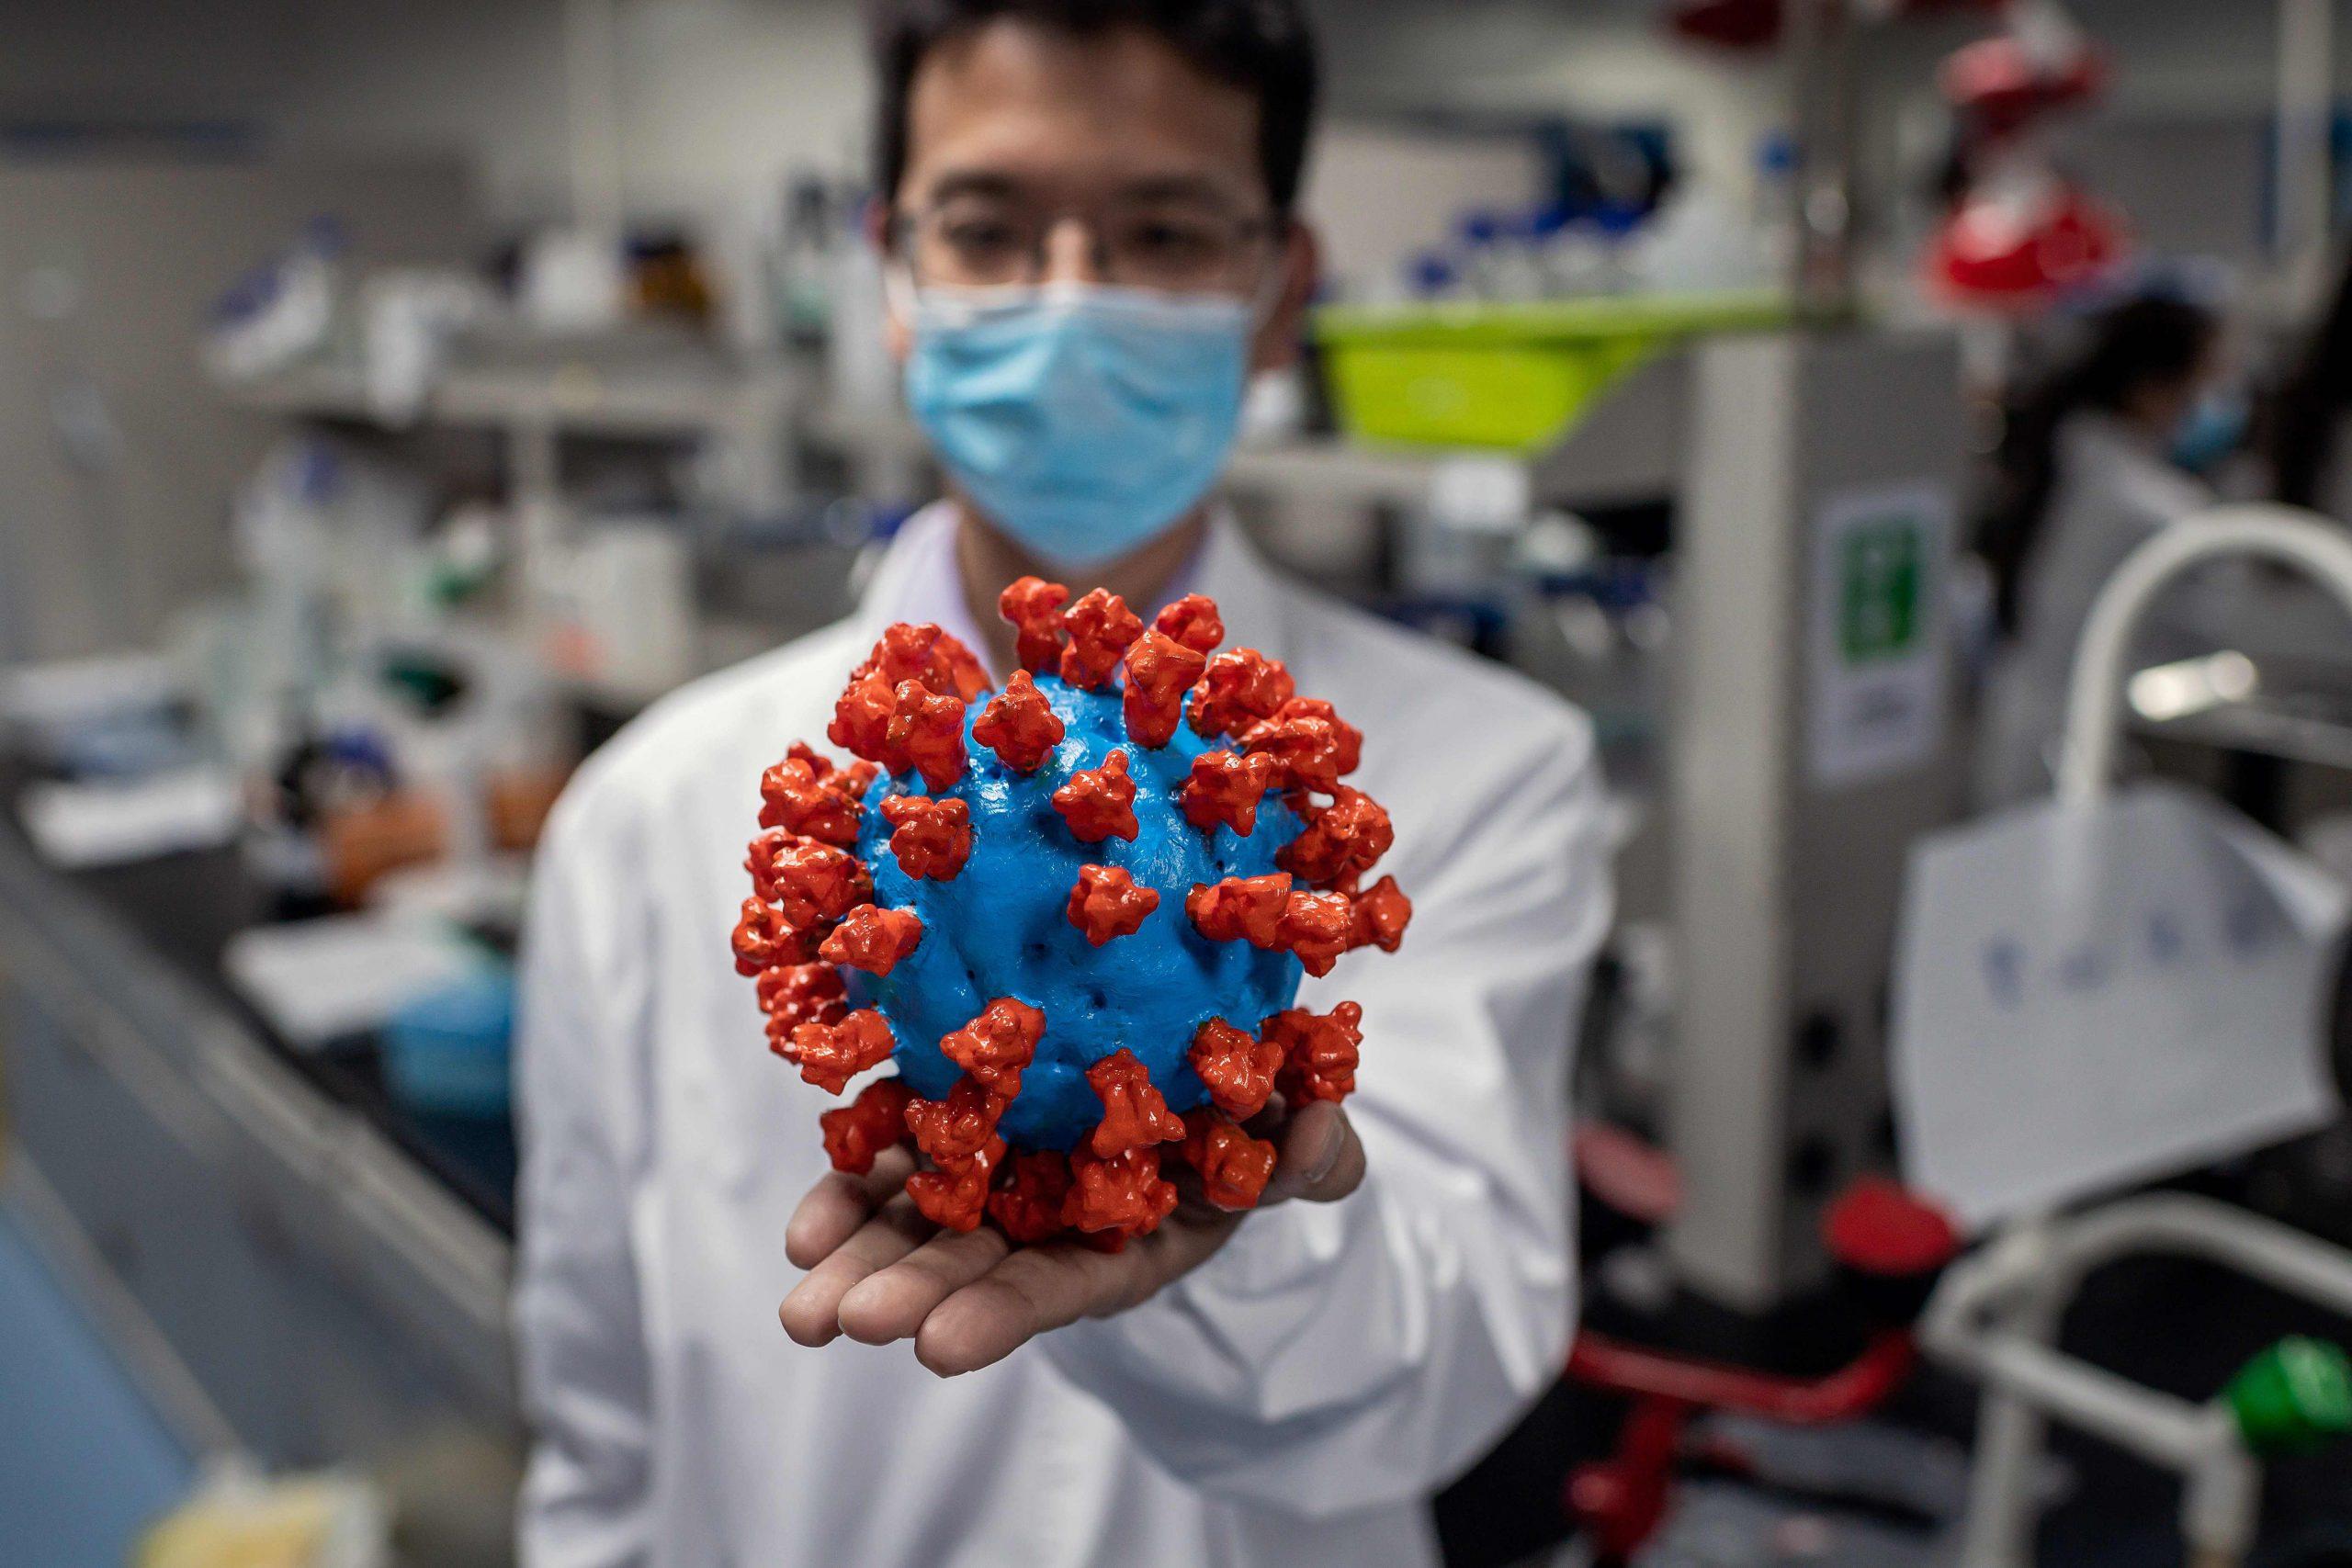 """أحد العلماء المشاركين في تطوير واختبار لقاح فيروس كورنا المستجد يعرض نموذجا بلاستيكيا للفيروس في """"سينوفاك بايوتك"""" أحد المختبرات الصينية الأربعة المجازة إجراء التجارب السريرية- ا ف ب"""